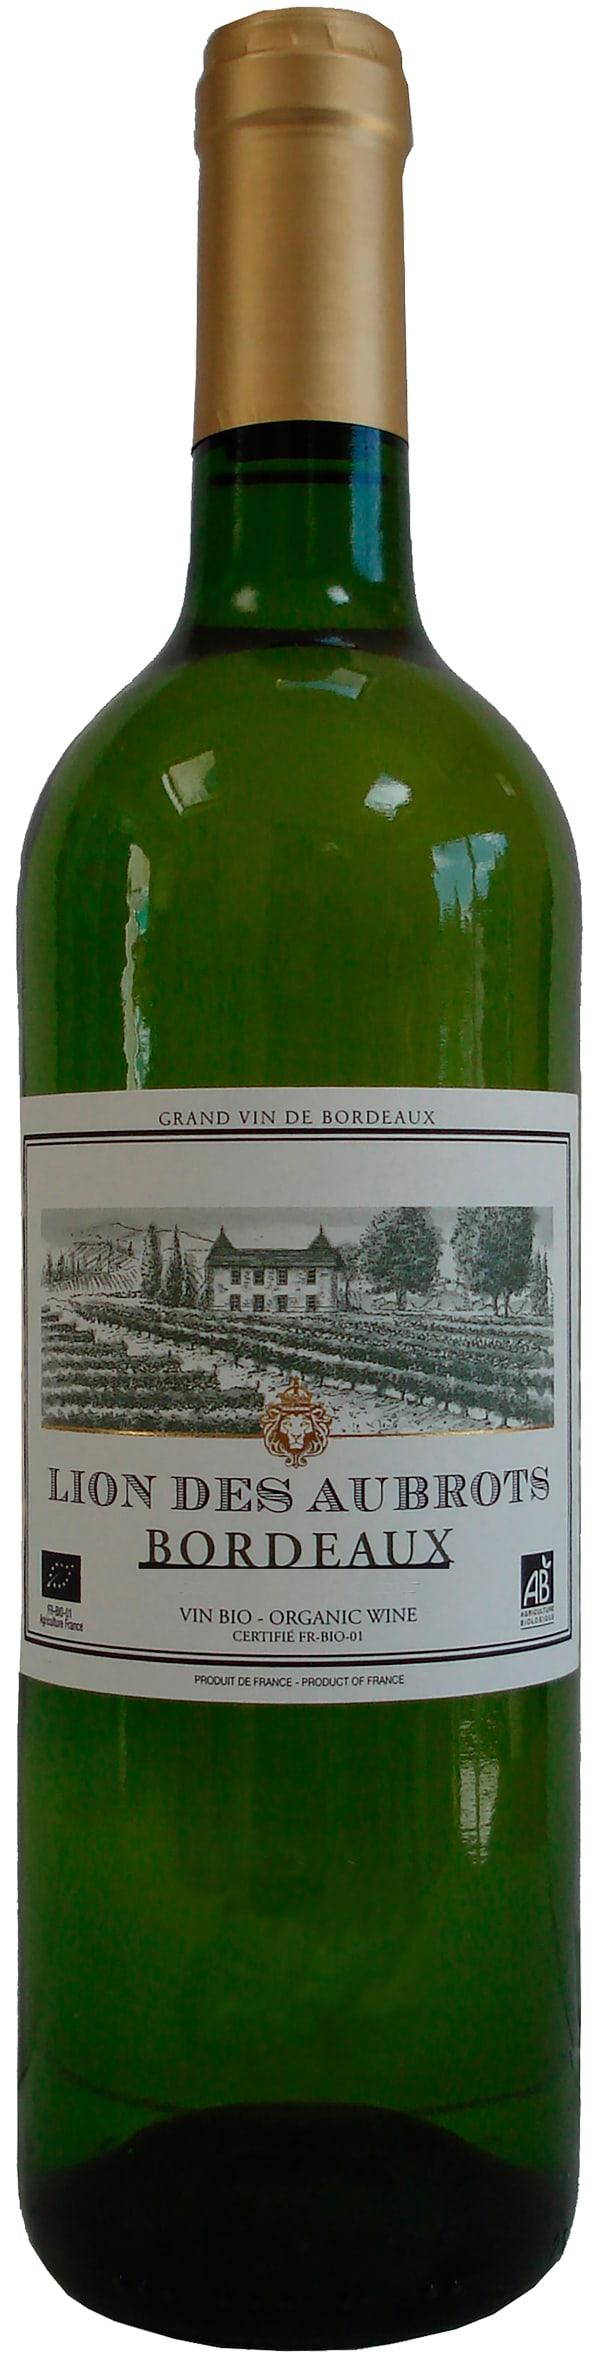 Lion Des Aubrots Bordeaux Organic blanc 2016